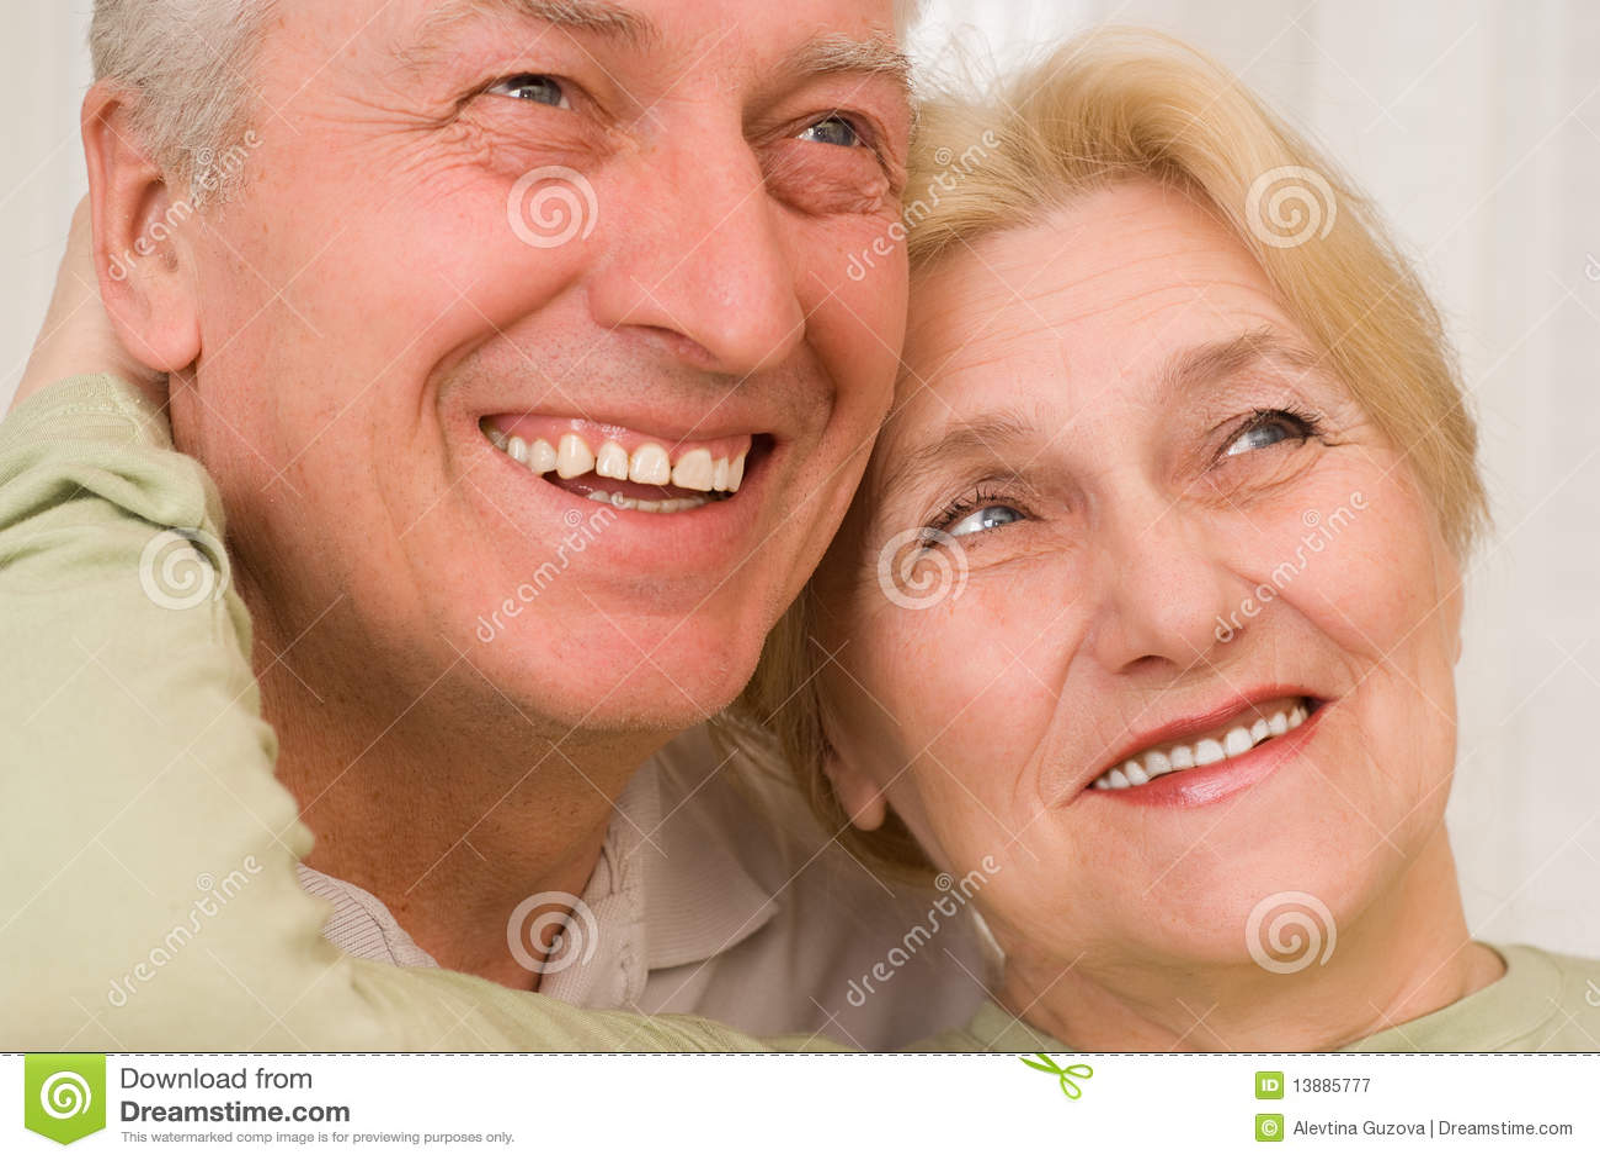 Portret van een mooi paar